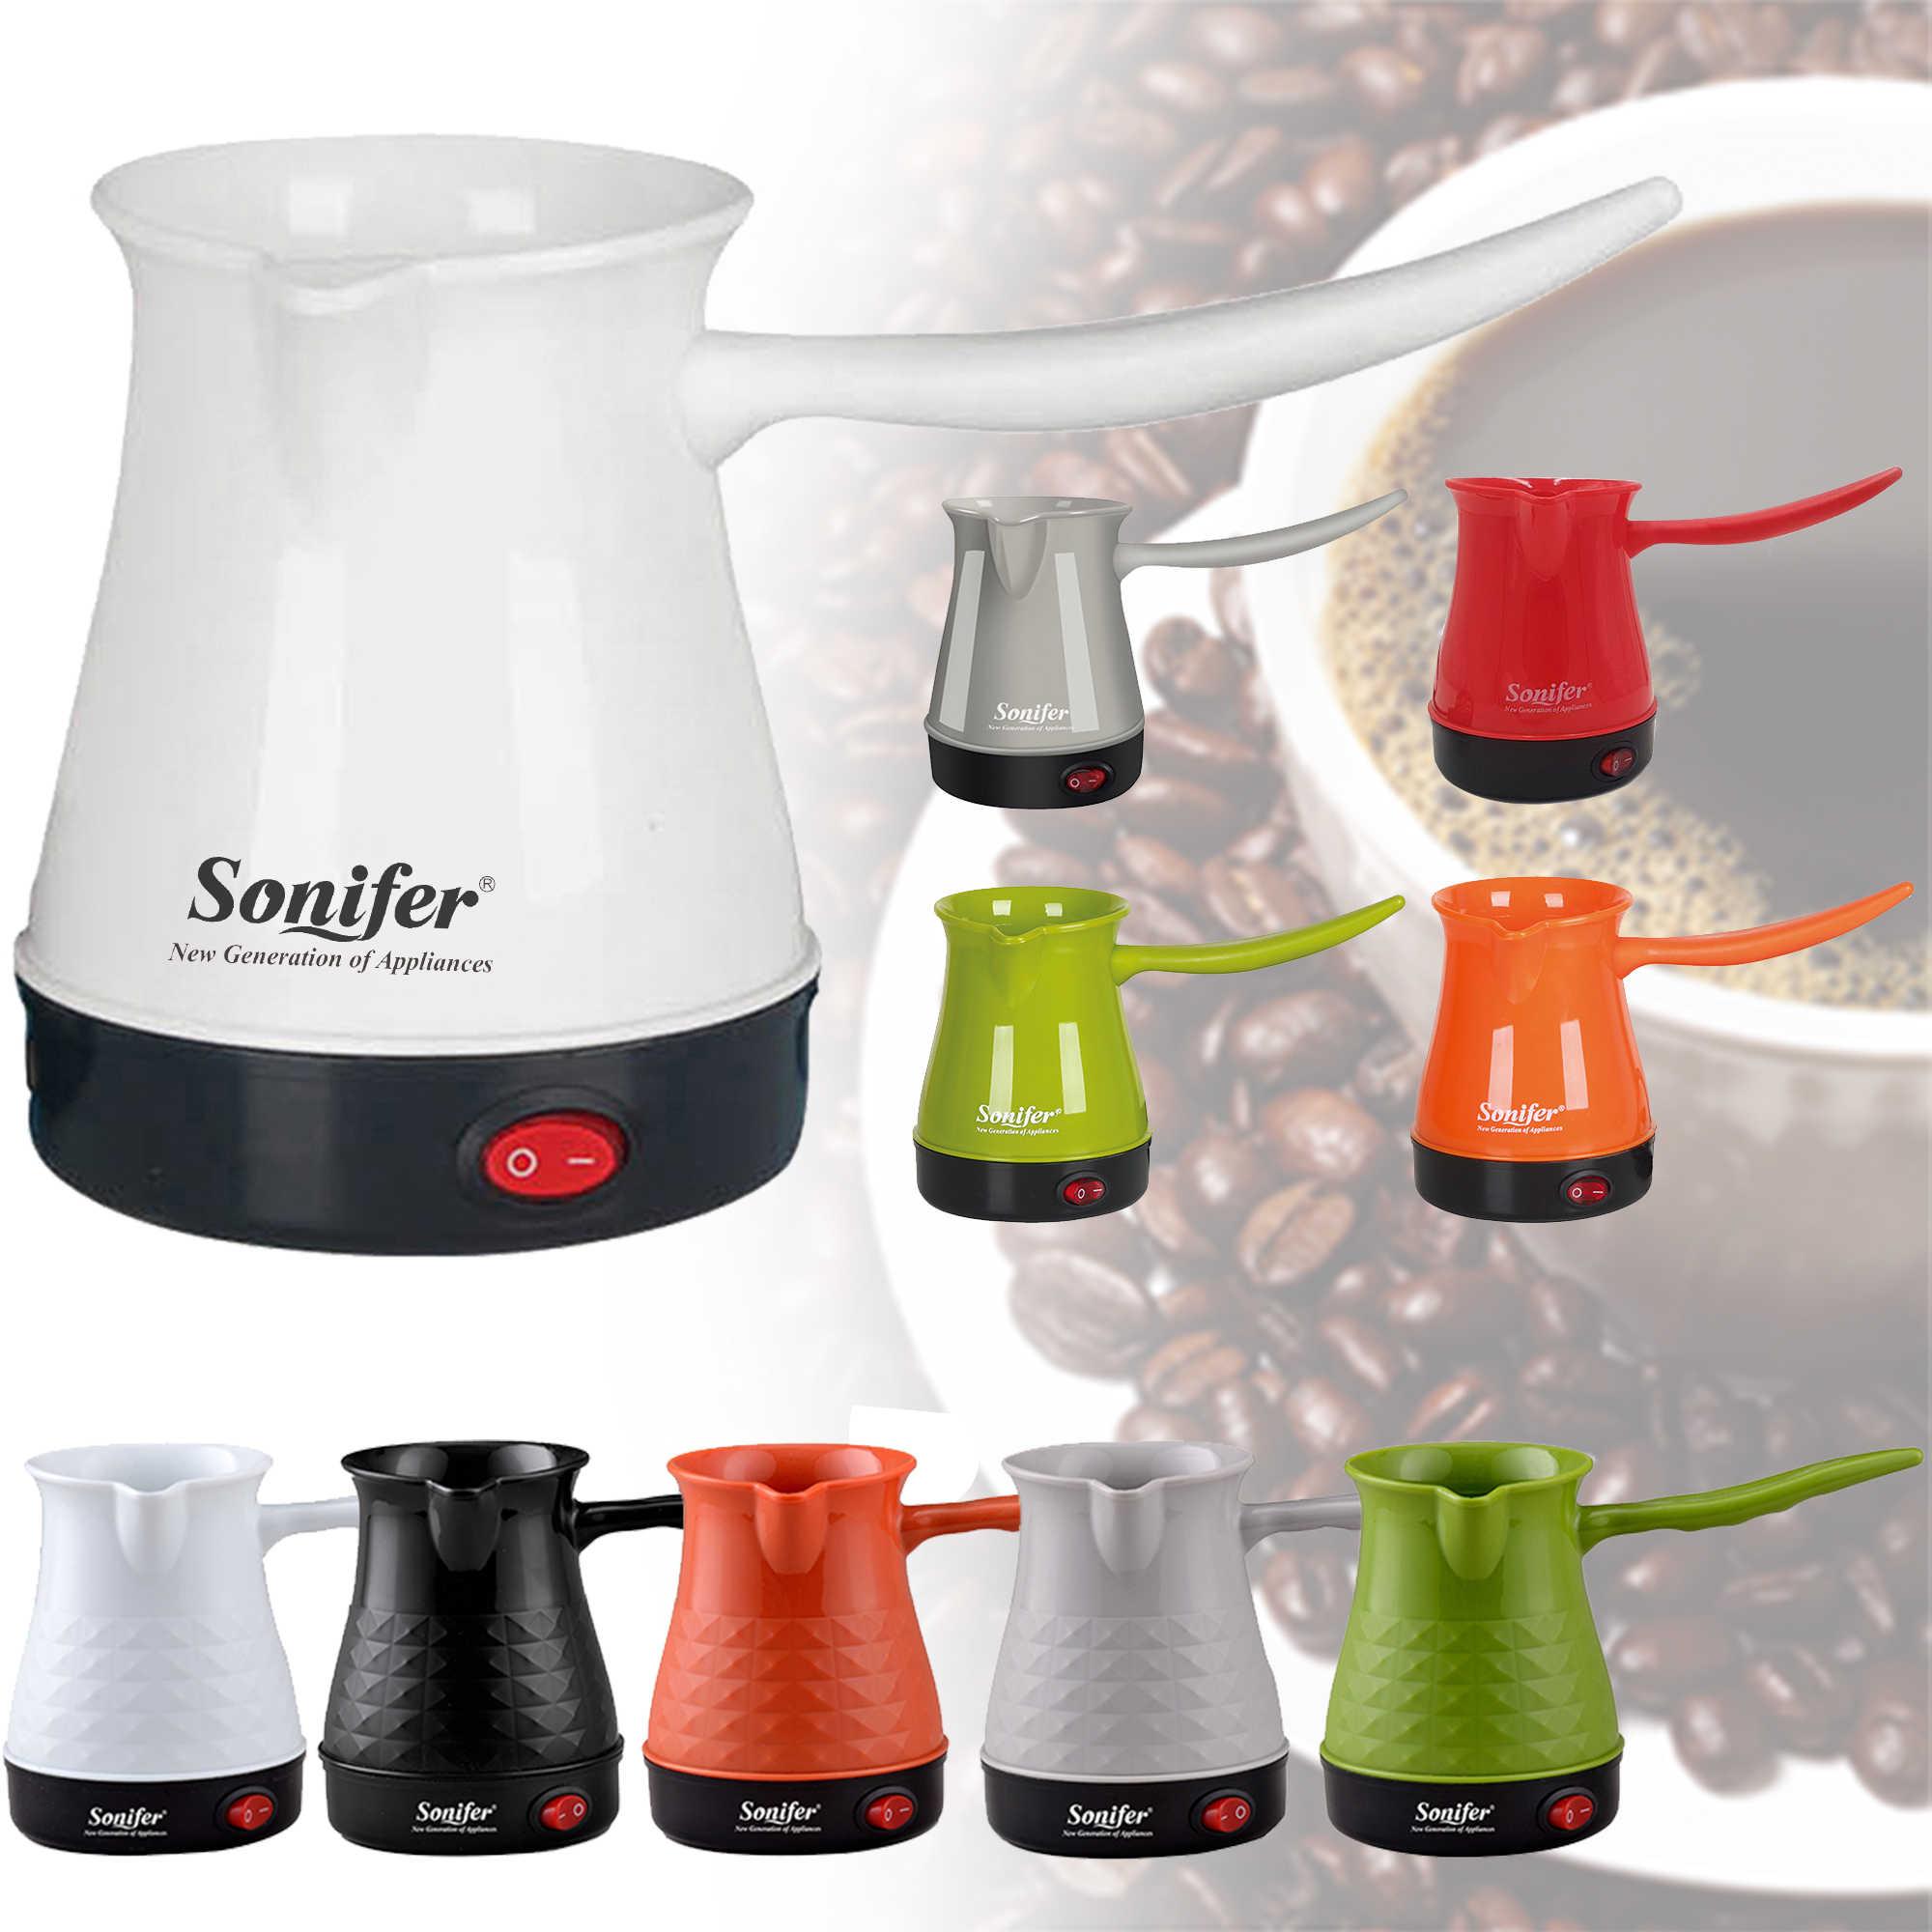 Мини-чайник для кофе в Турции, Кофеварка, Портативный электрический чайник для кофе, вареное молоко, чайник для кофе в подарок, 220 В, Sonifer